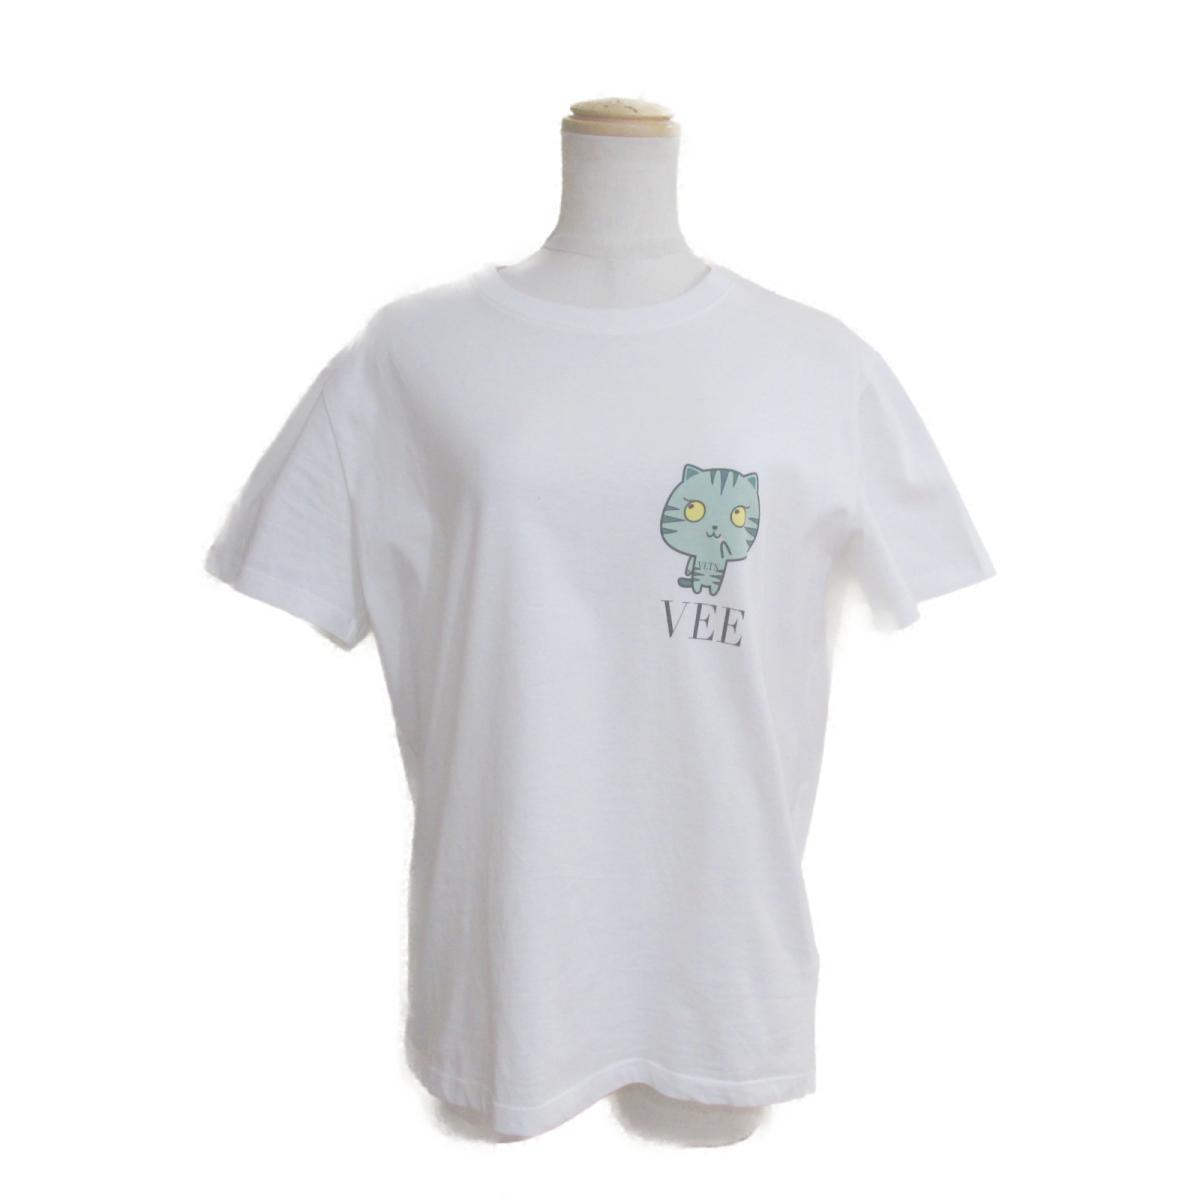 【中古】 ヴァレンチノ Tシャツ メンズ レディース コットン100% ホワイト × グリーン   VALENTINO BRANDOFF ブランドオフ 衣料品 衣類 ブランド トップス シャツ カットソー